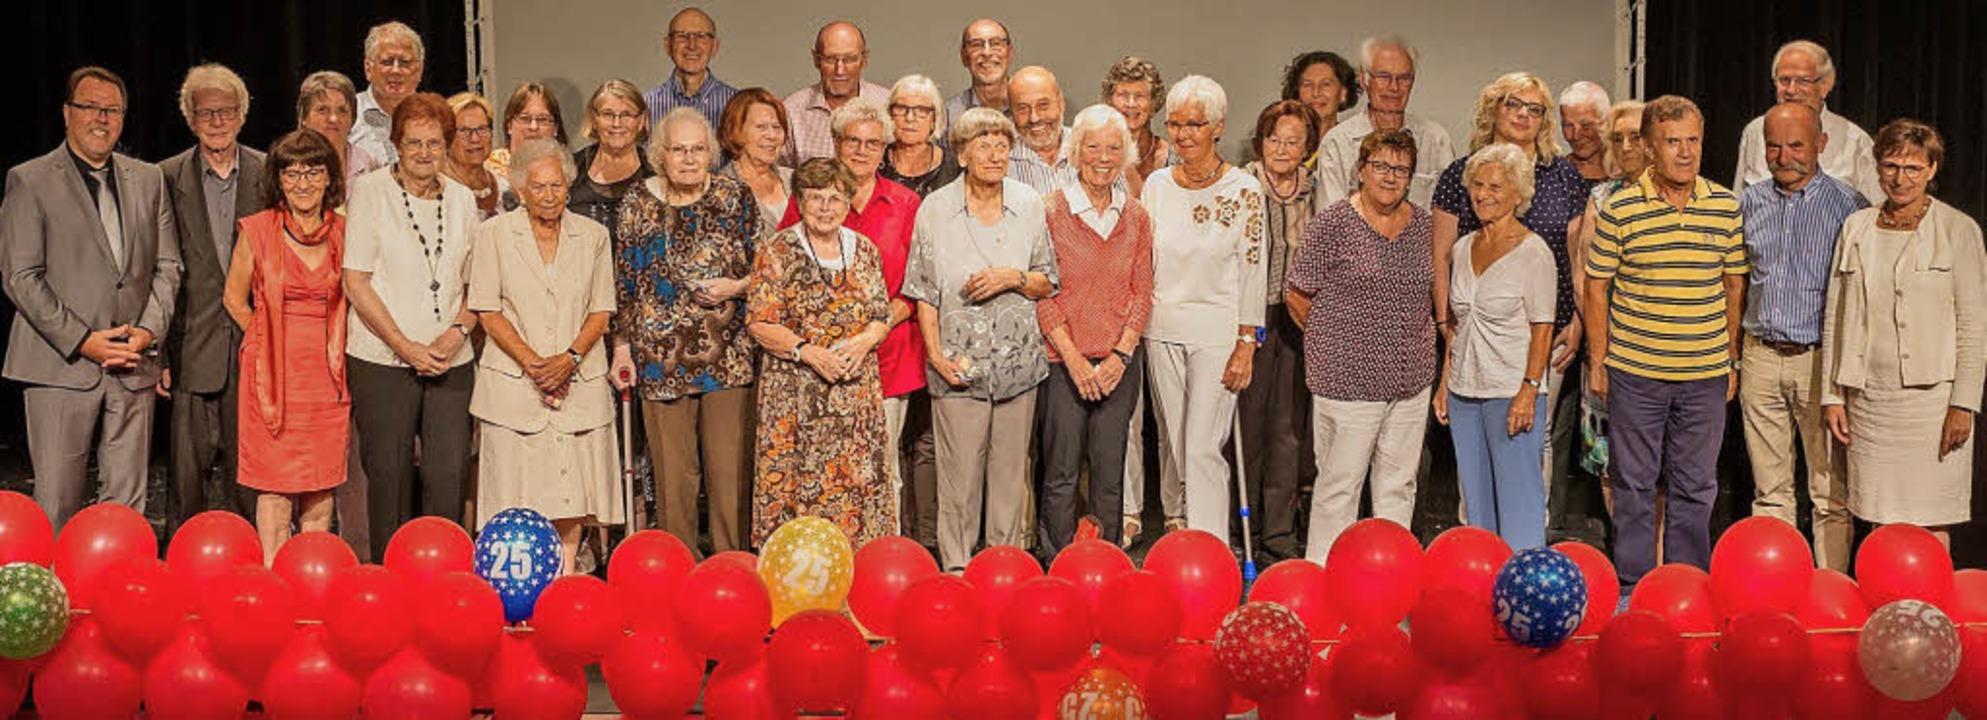 Jubiläums-Gruppenbild  mit vielen Ehre...renbüro feierte 25-jähriges Bestehen.   | Foto: Faruk ÜNver/Barbara Puppe